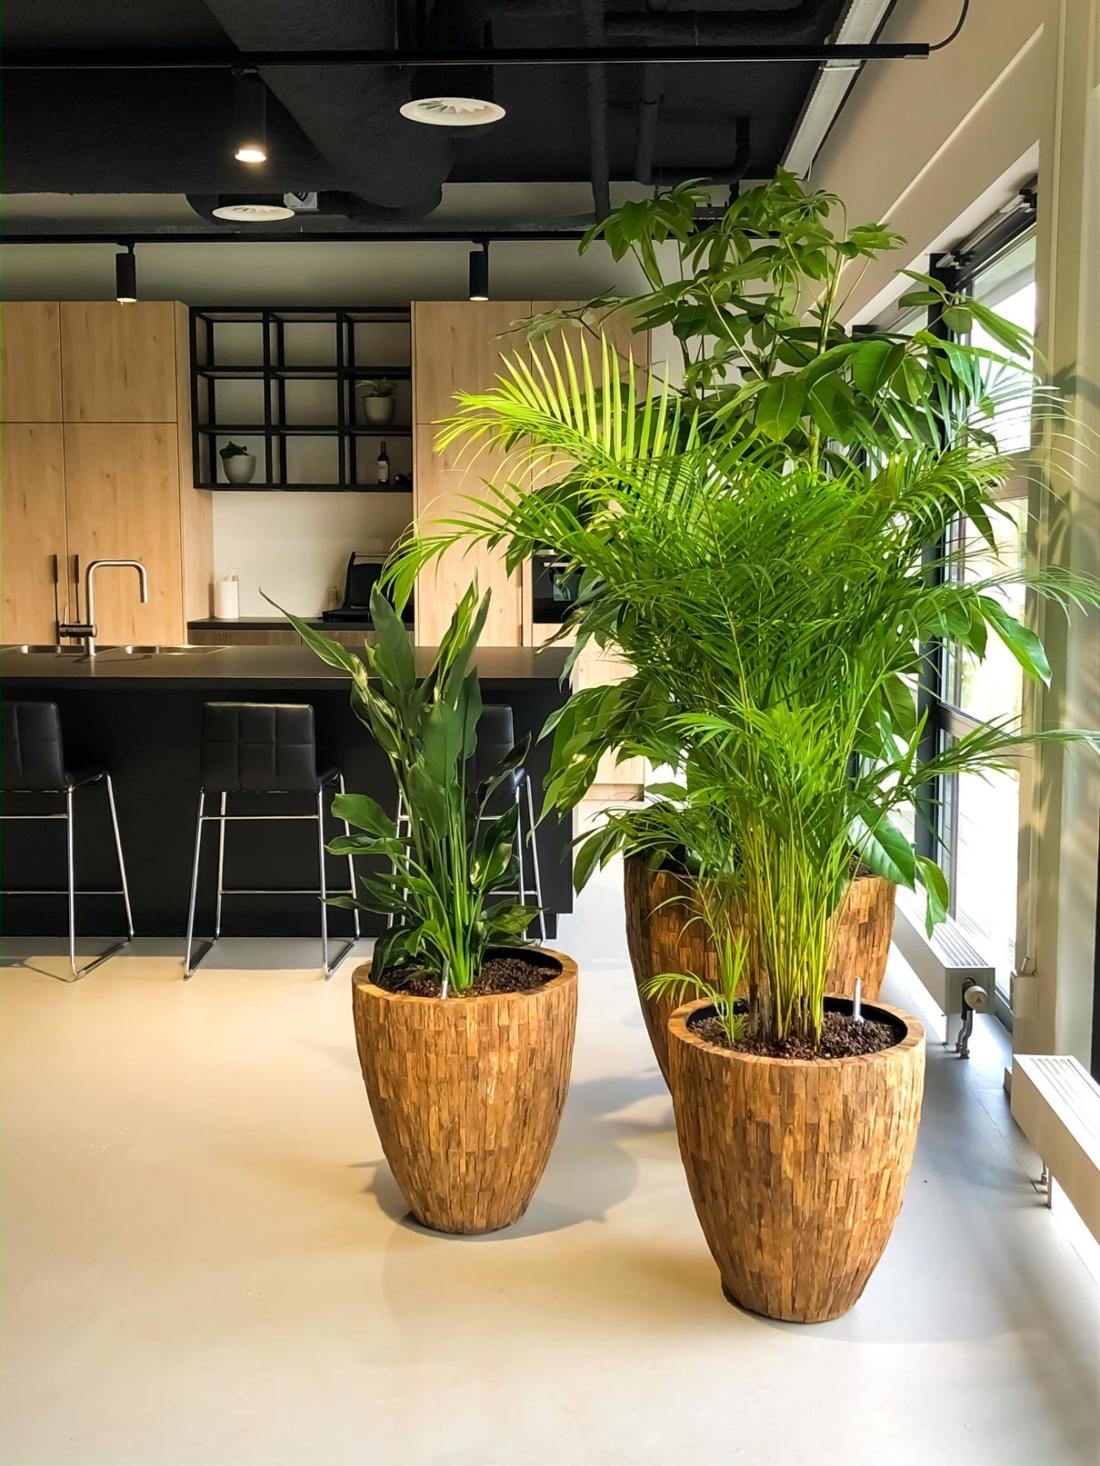 Natuurlijke-plantenbakken-met-diverse-beplanting-1100x1466.jpg